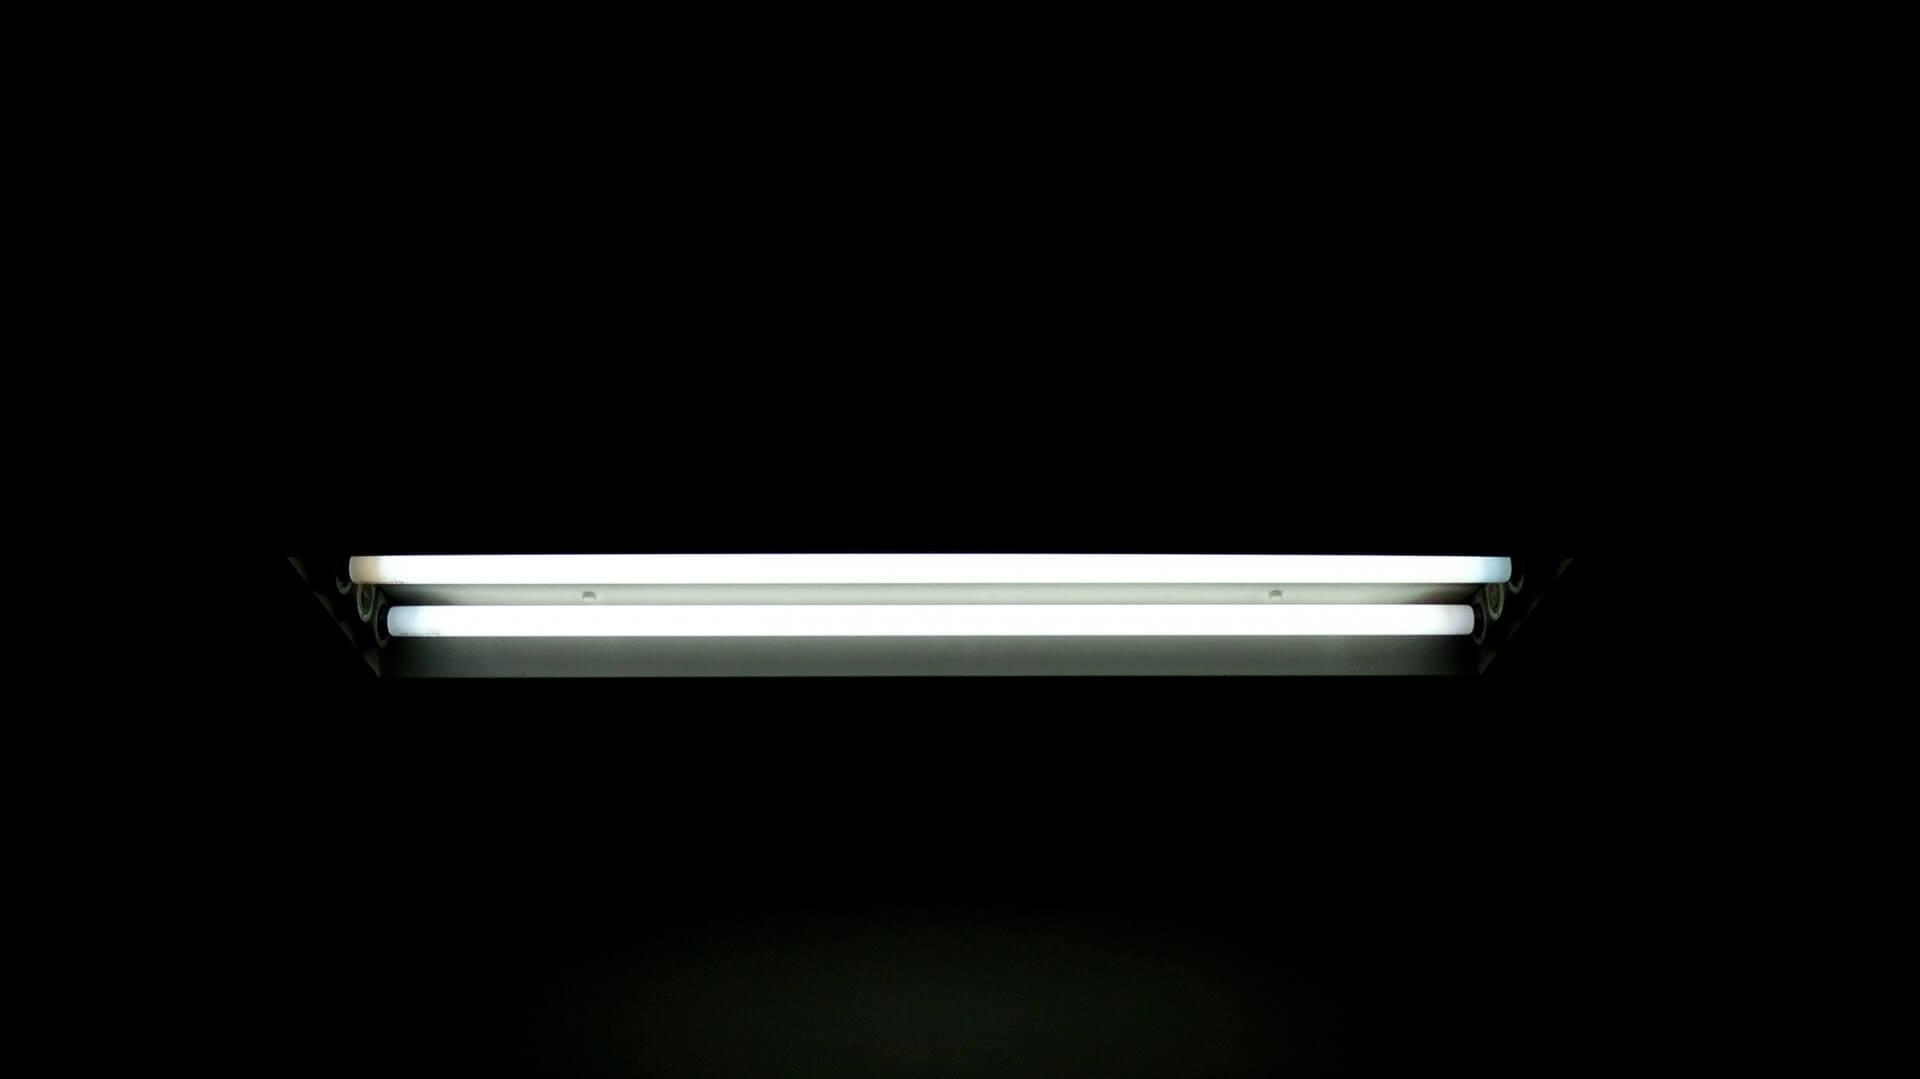 蛍光灯はどうやって処分する?正しい方法と注意点を詳しく解説